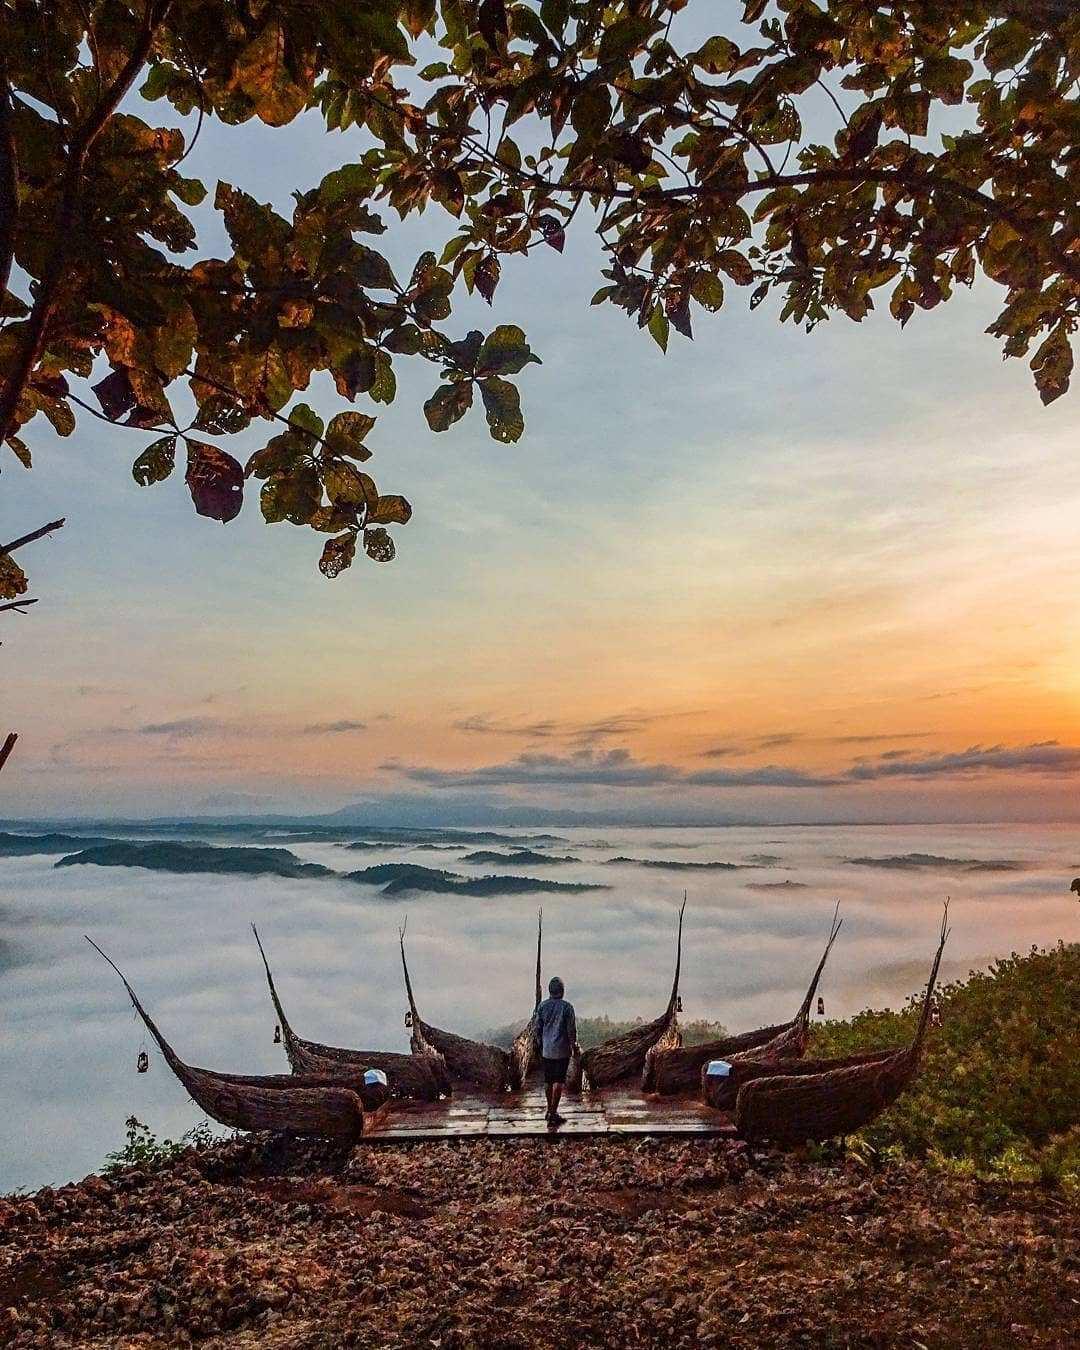 Obejek Foto Hasta Apsari di Watu Payung, Image From @anwarrwae